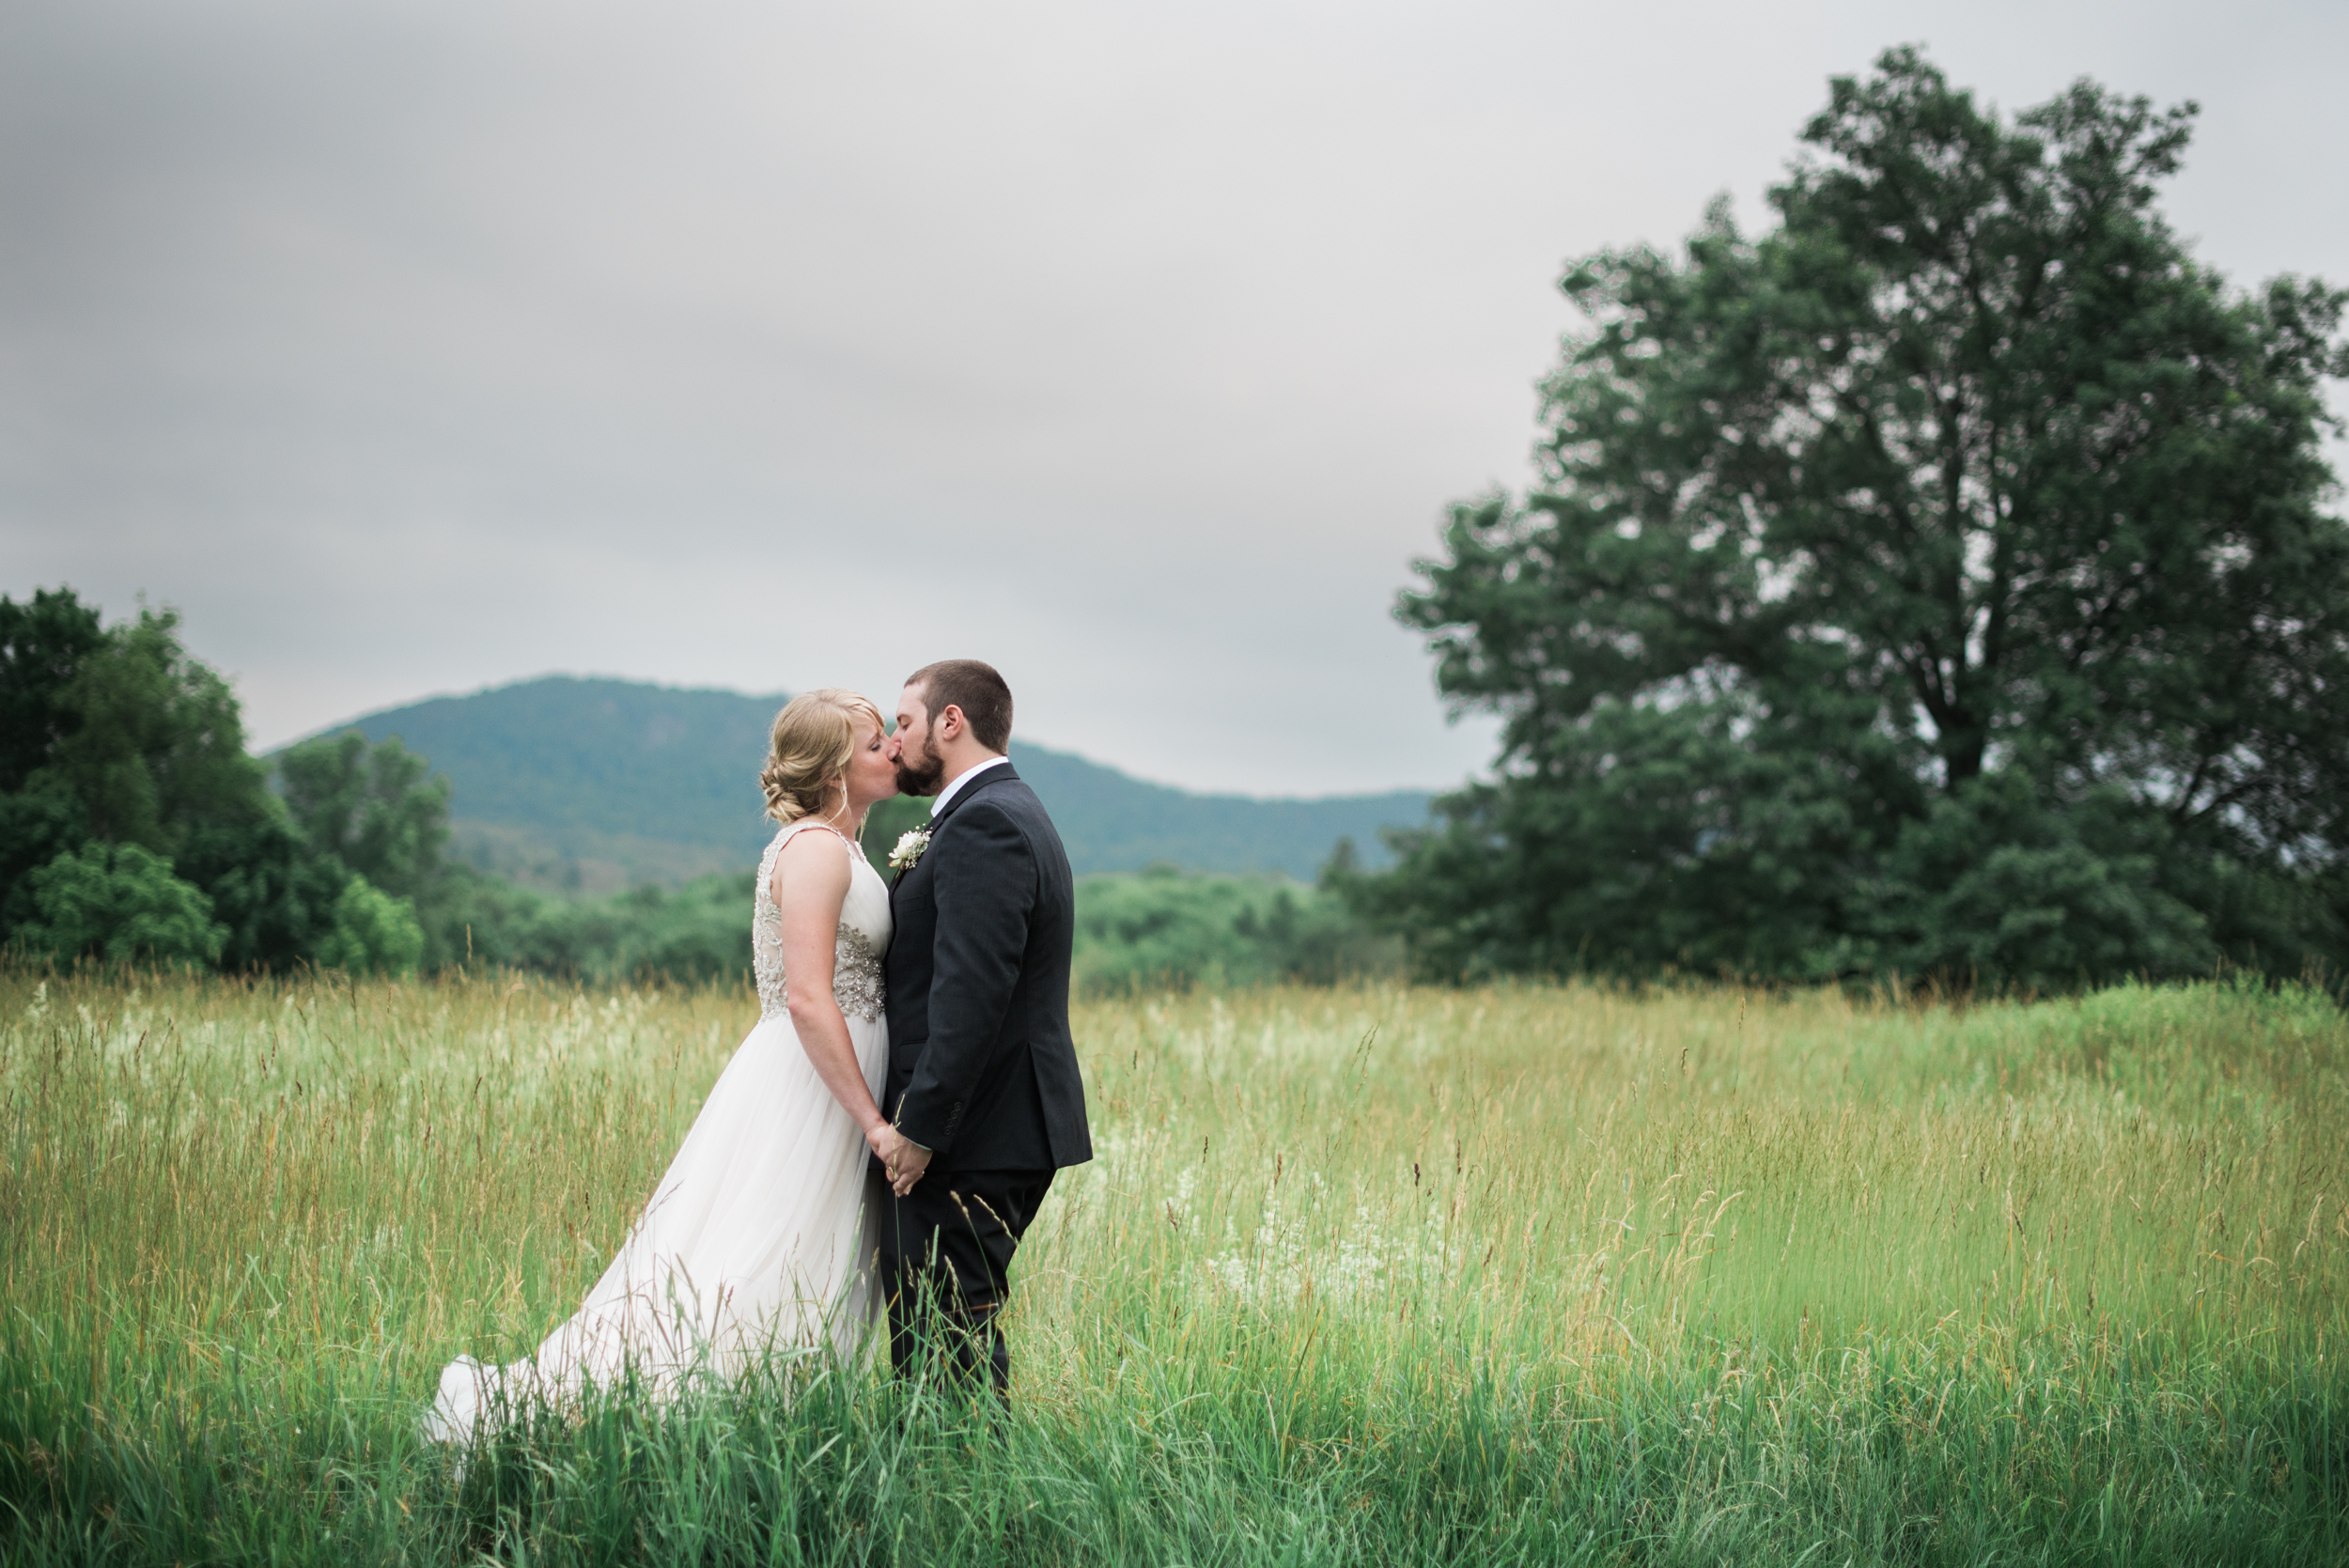 New England Rustic Wedding Photography